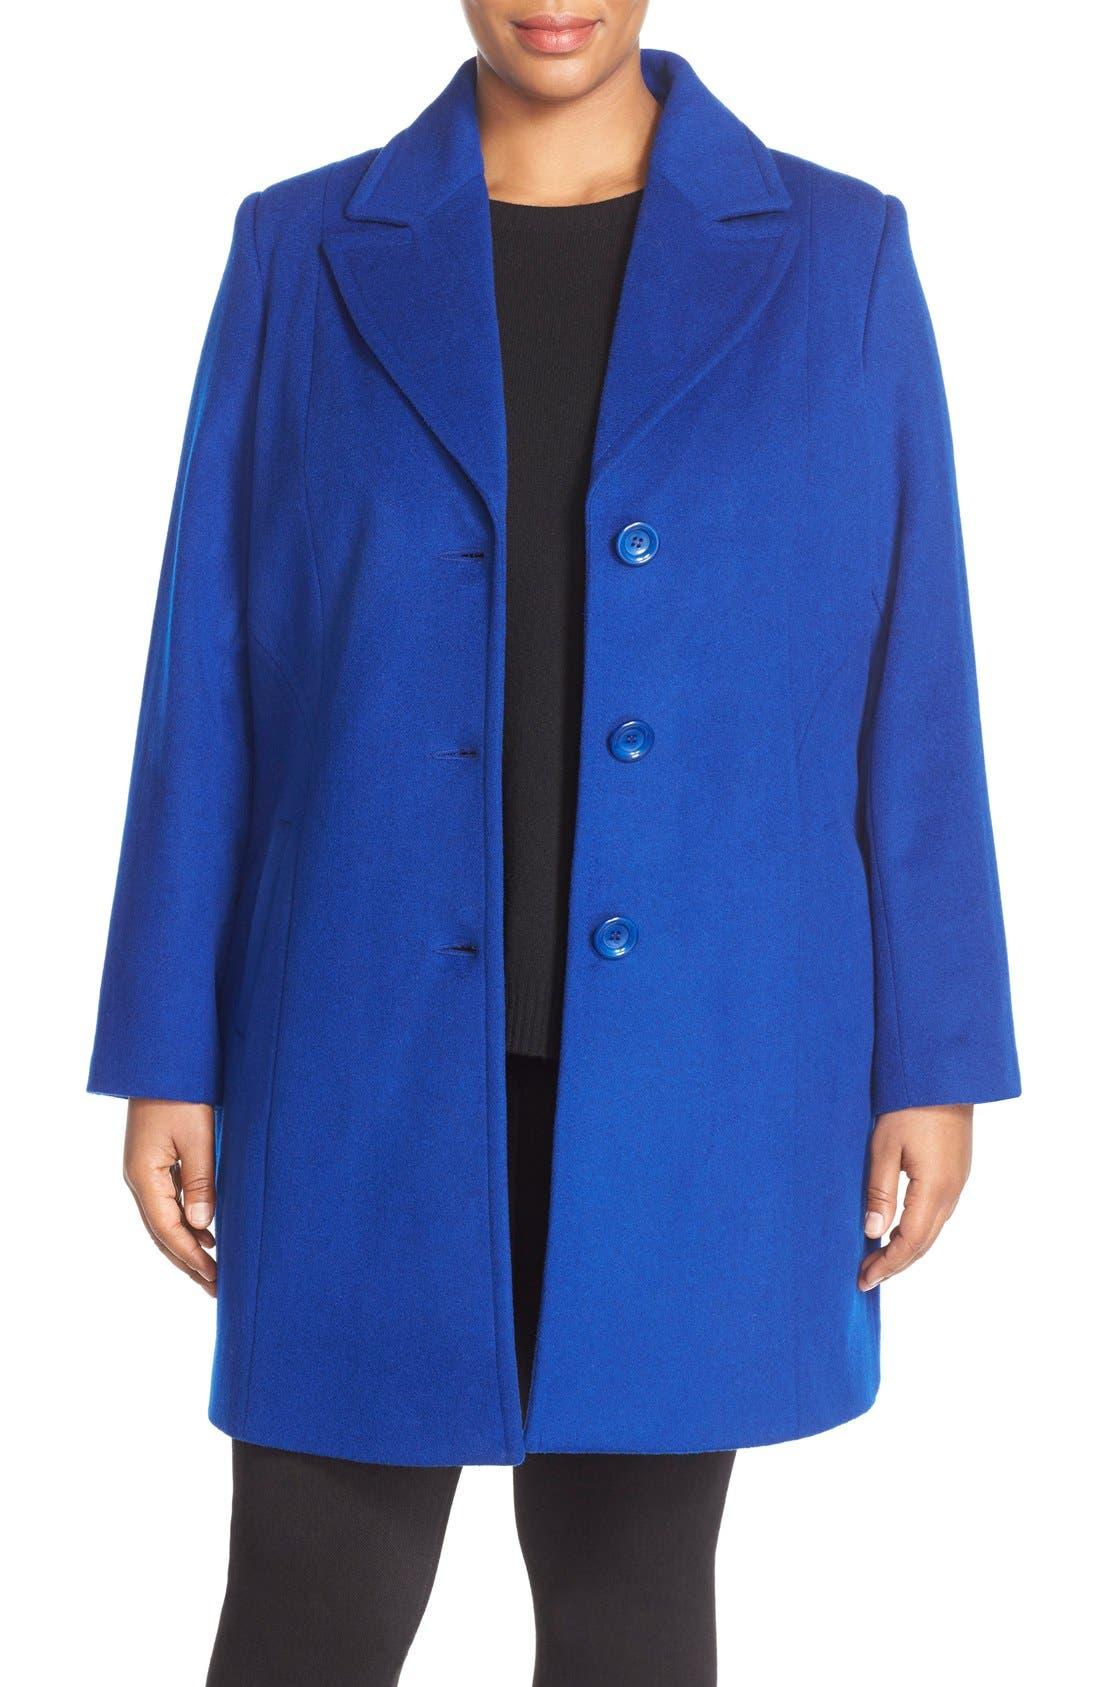 Main Image - Kristen Blake Notch Collar Wool Blend Coat (Plus Size)